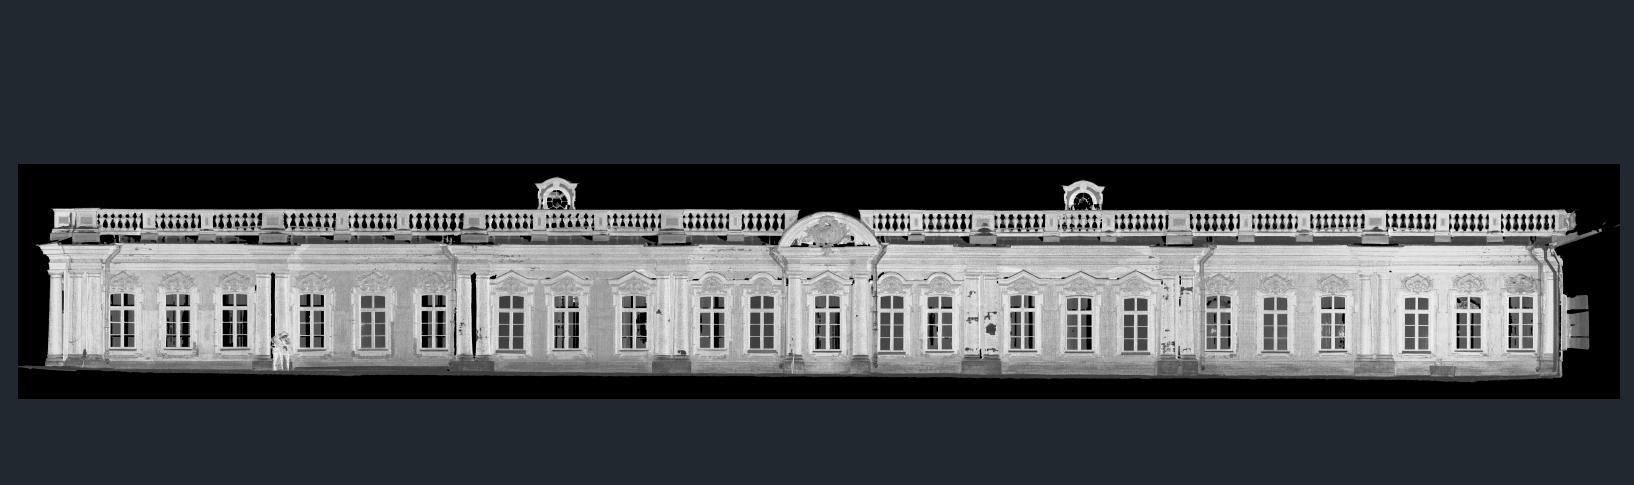 Облако точек - фасады Екатерининского дворца в Пушкине